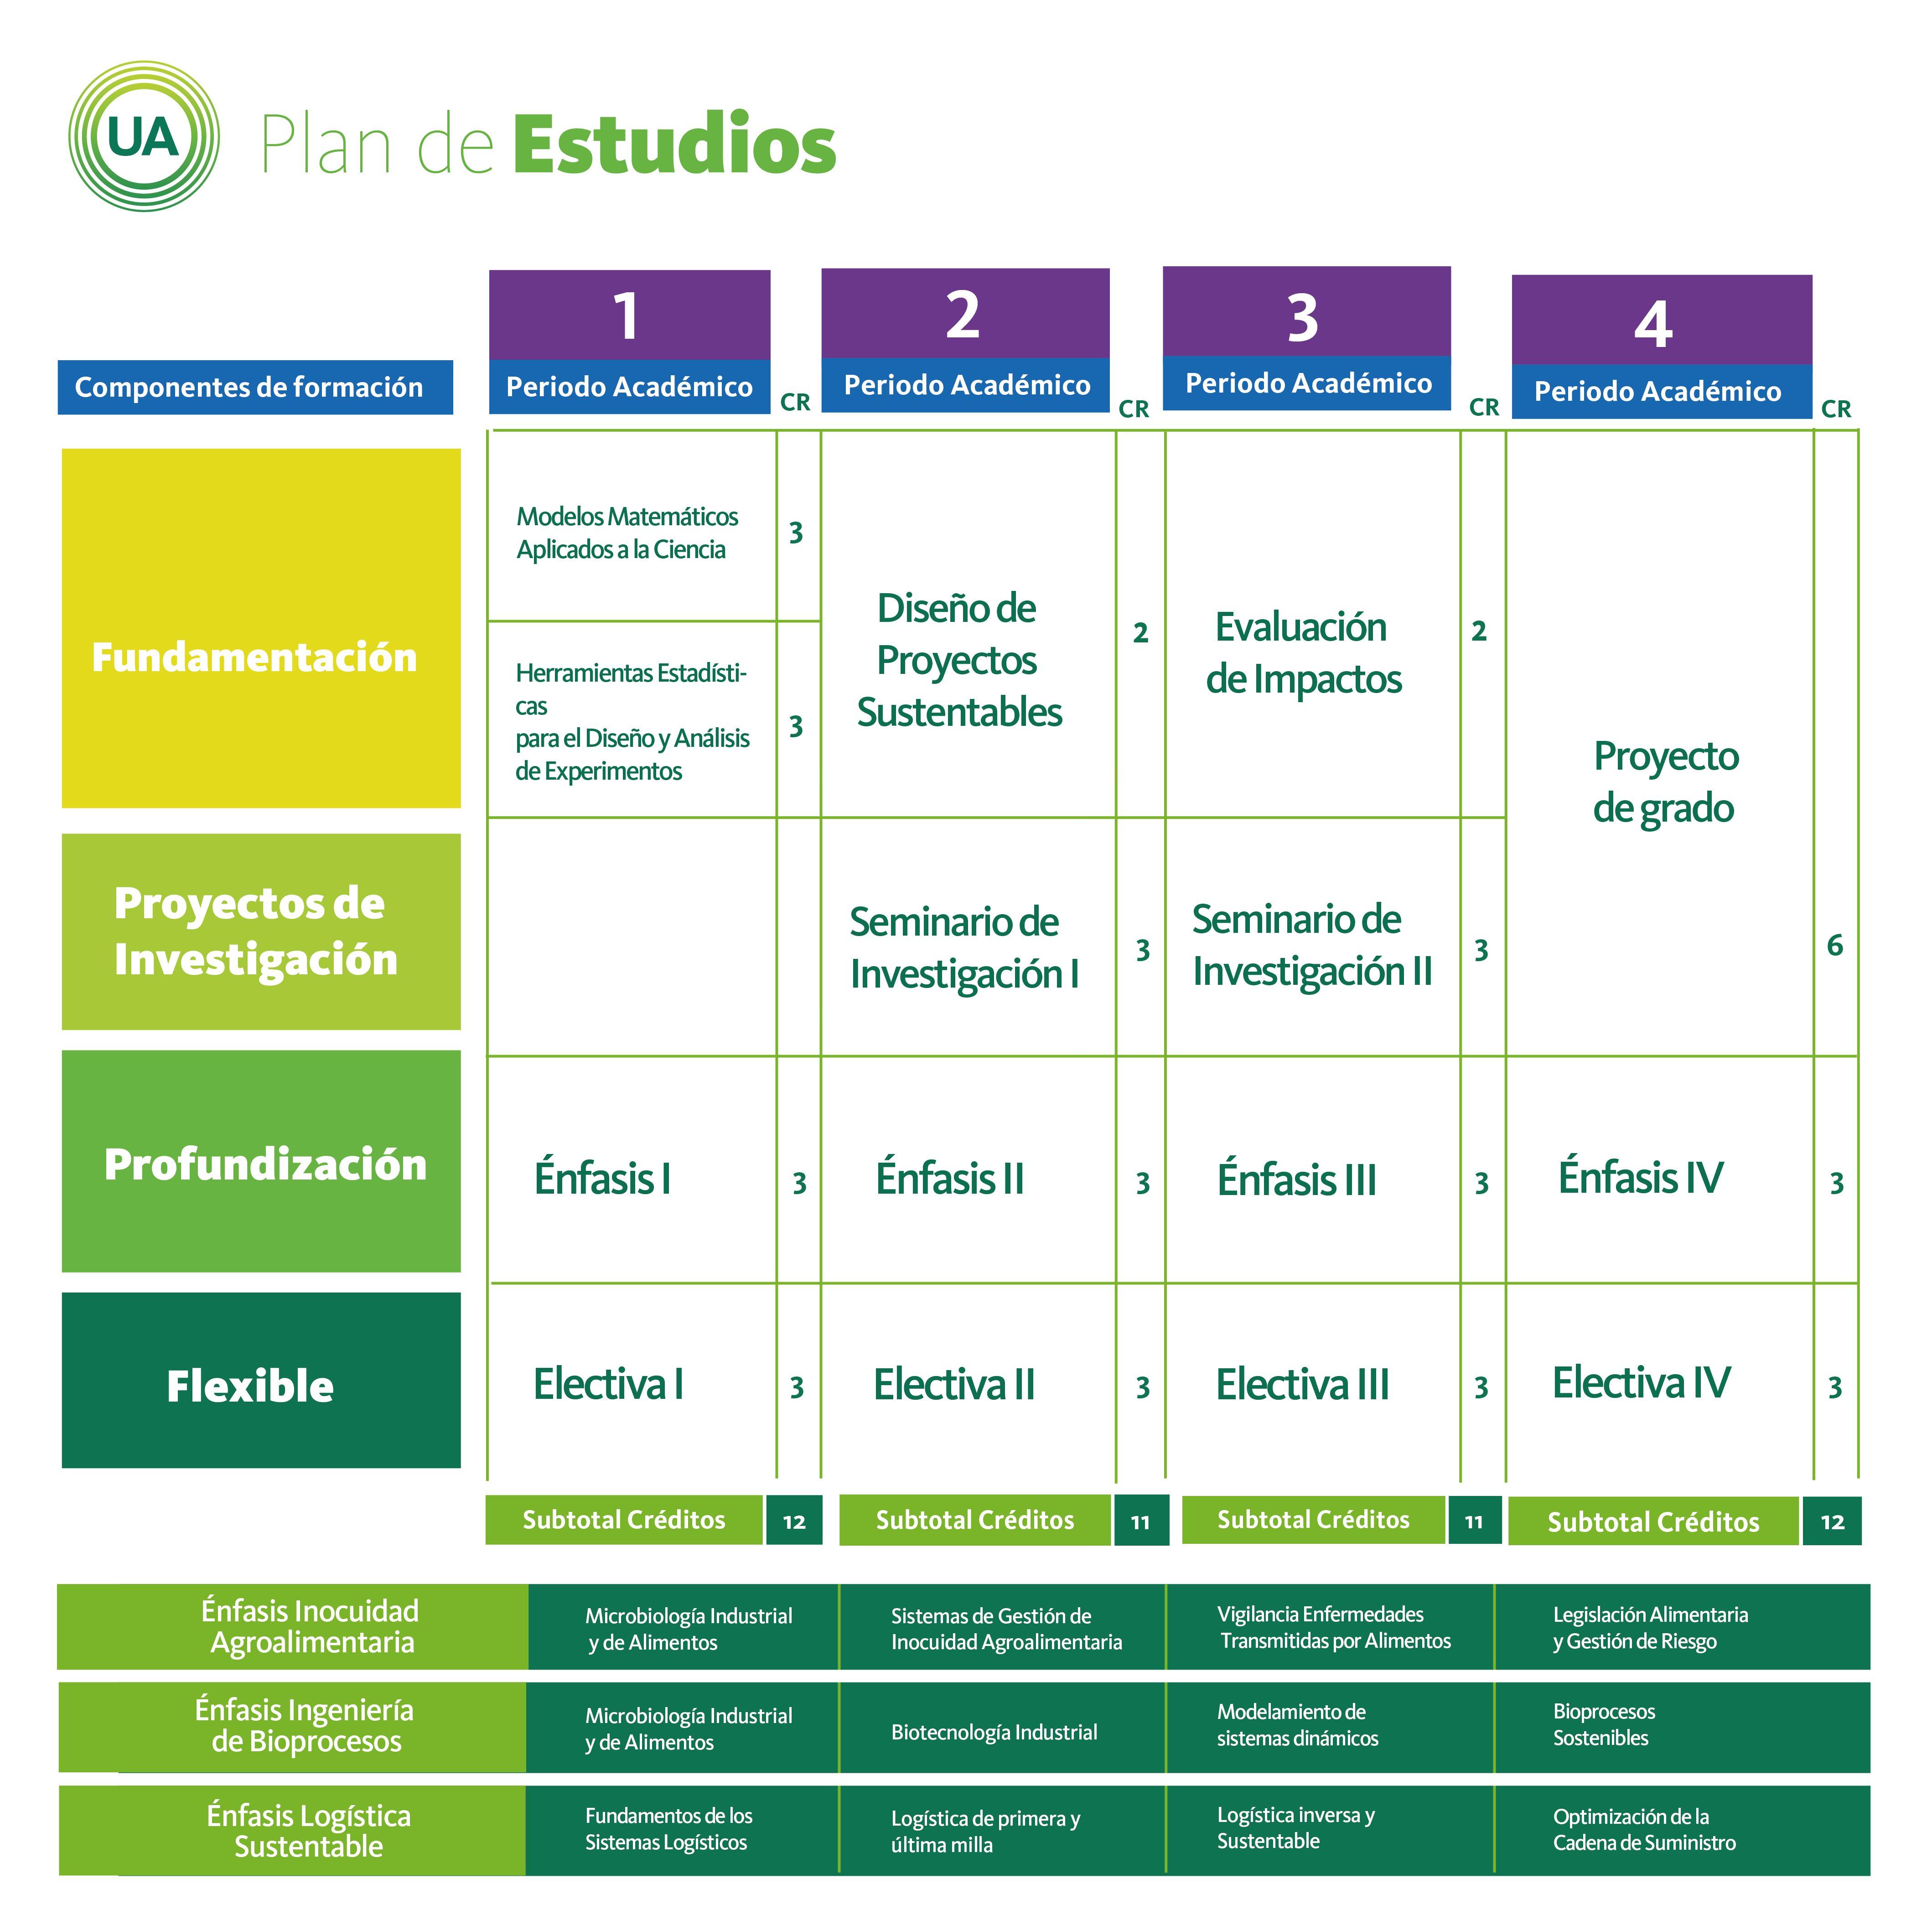 Plan de estudios de Maestría en Ingeniería